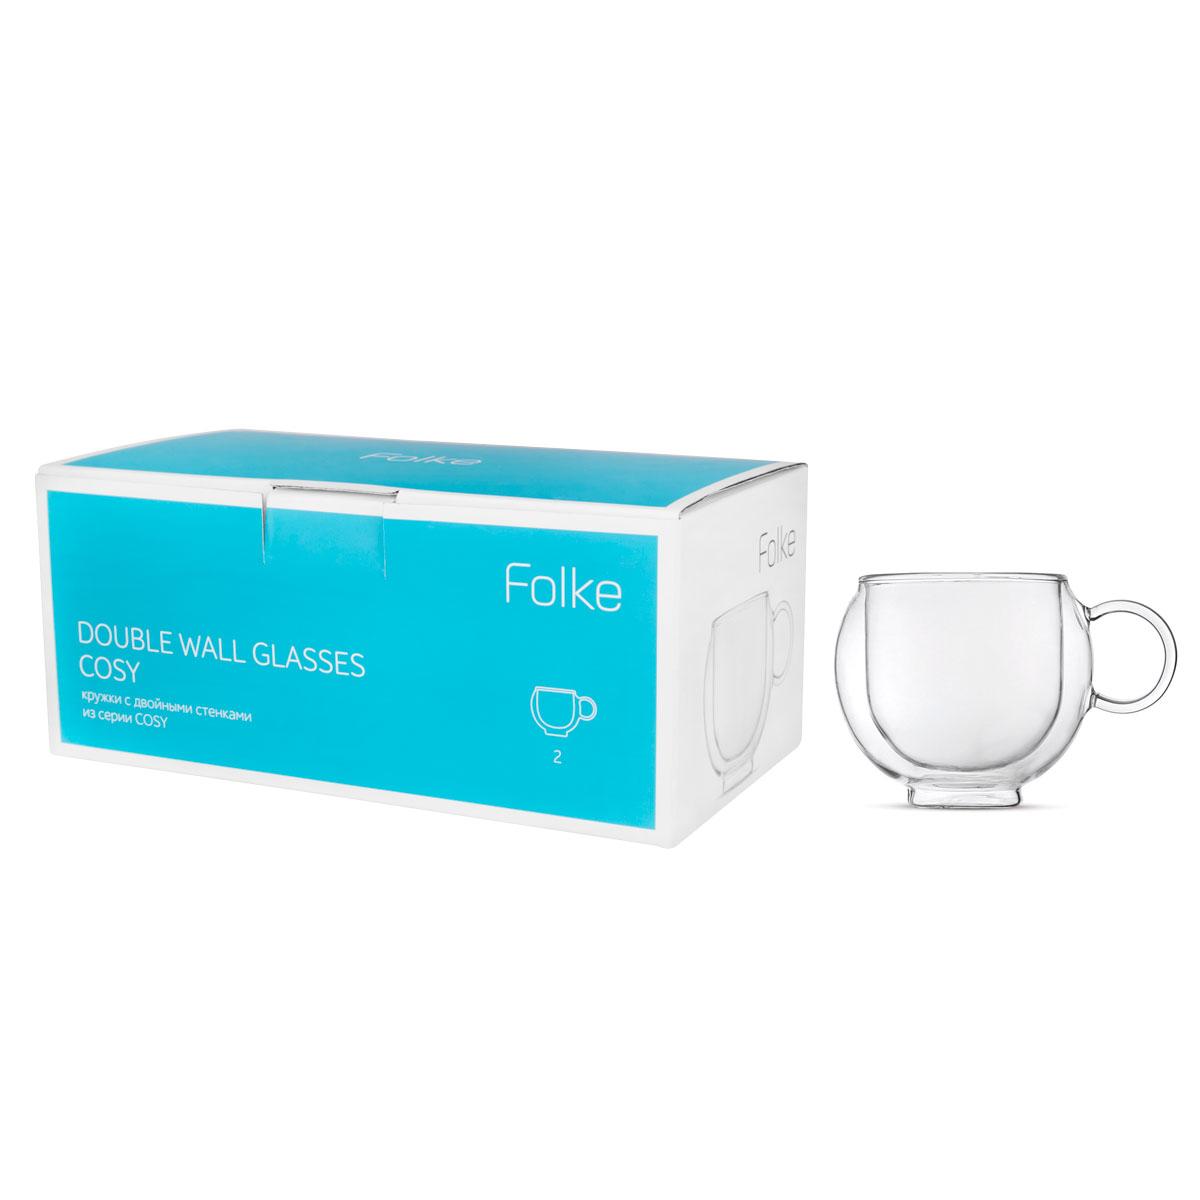 Набор кружек Folke, с двойными стенками, 180 мл, 2 шт2010227UНабор Folke состоит из 2 кружек, выполненных изборосиликатного стекла. Благодаря двойным стенкам кружкине только дольше сохраняют температуру напитков, но изащищают от ожогов.Такую кружку можно спокойно держать ее в руке, даже еслипьете горячий чай или кофе. Идеально подходит как длягорячих, так и для холодных напитков.